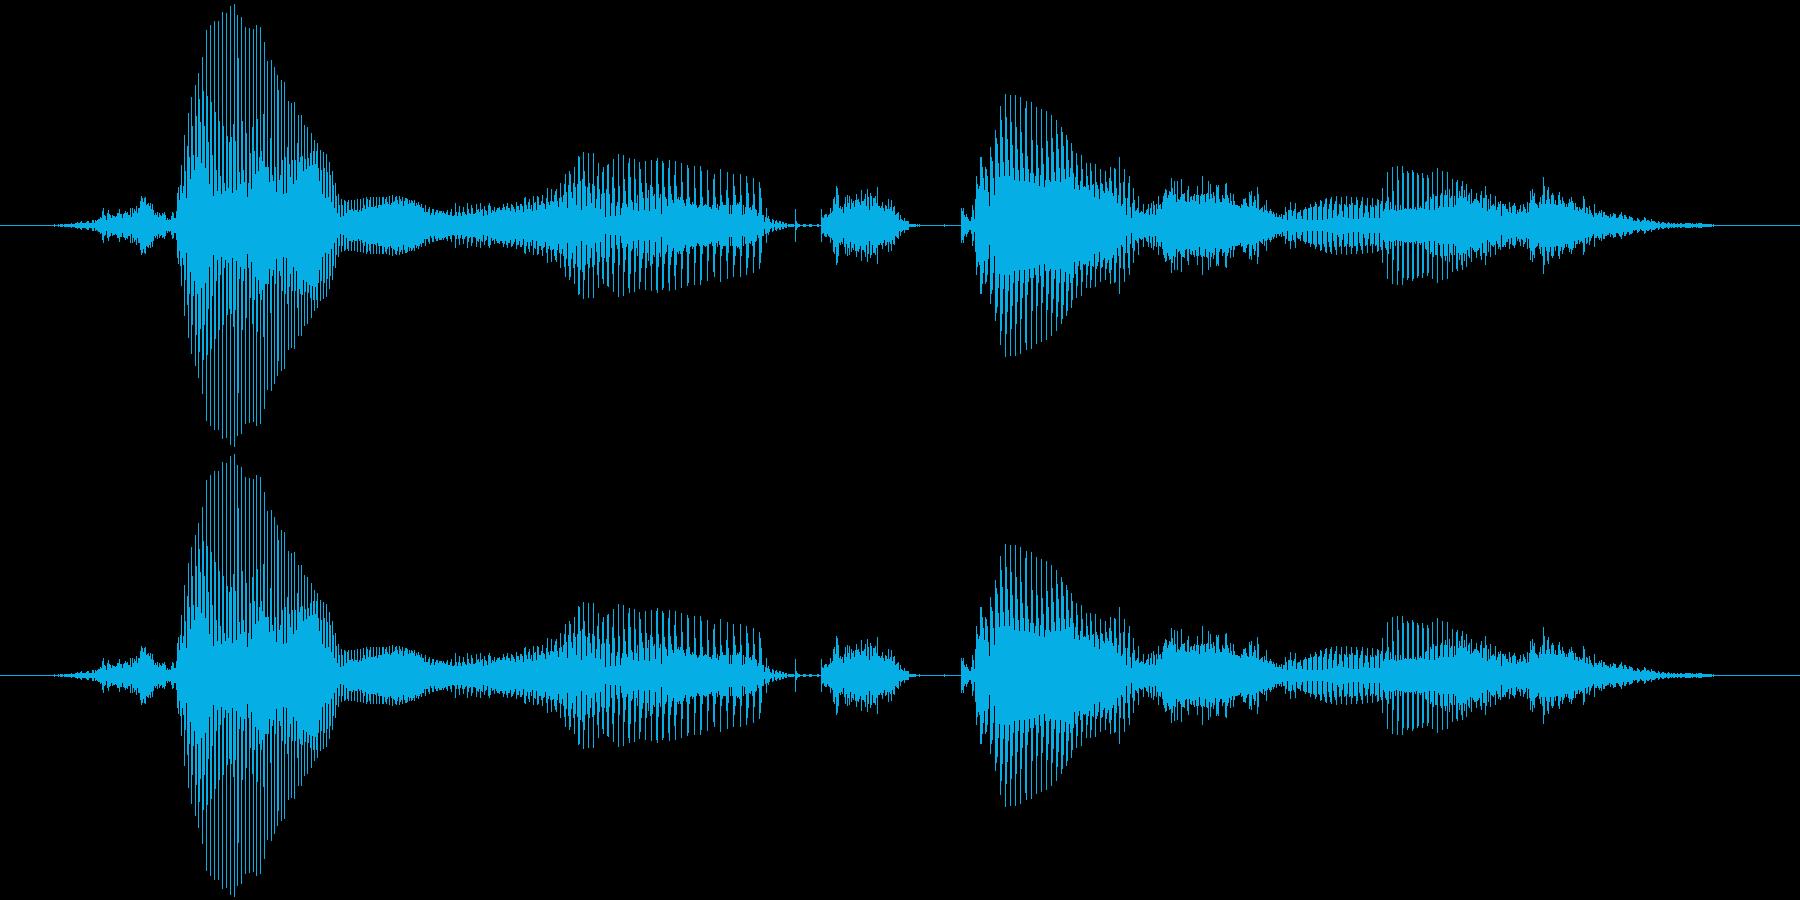 【時報・時間】3時をお伝えしますの再生済みの波形